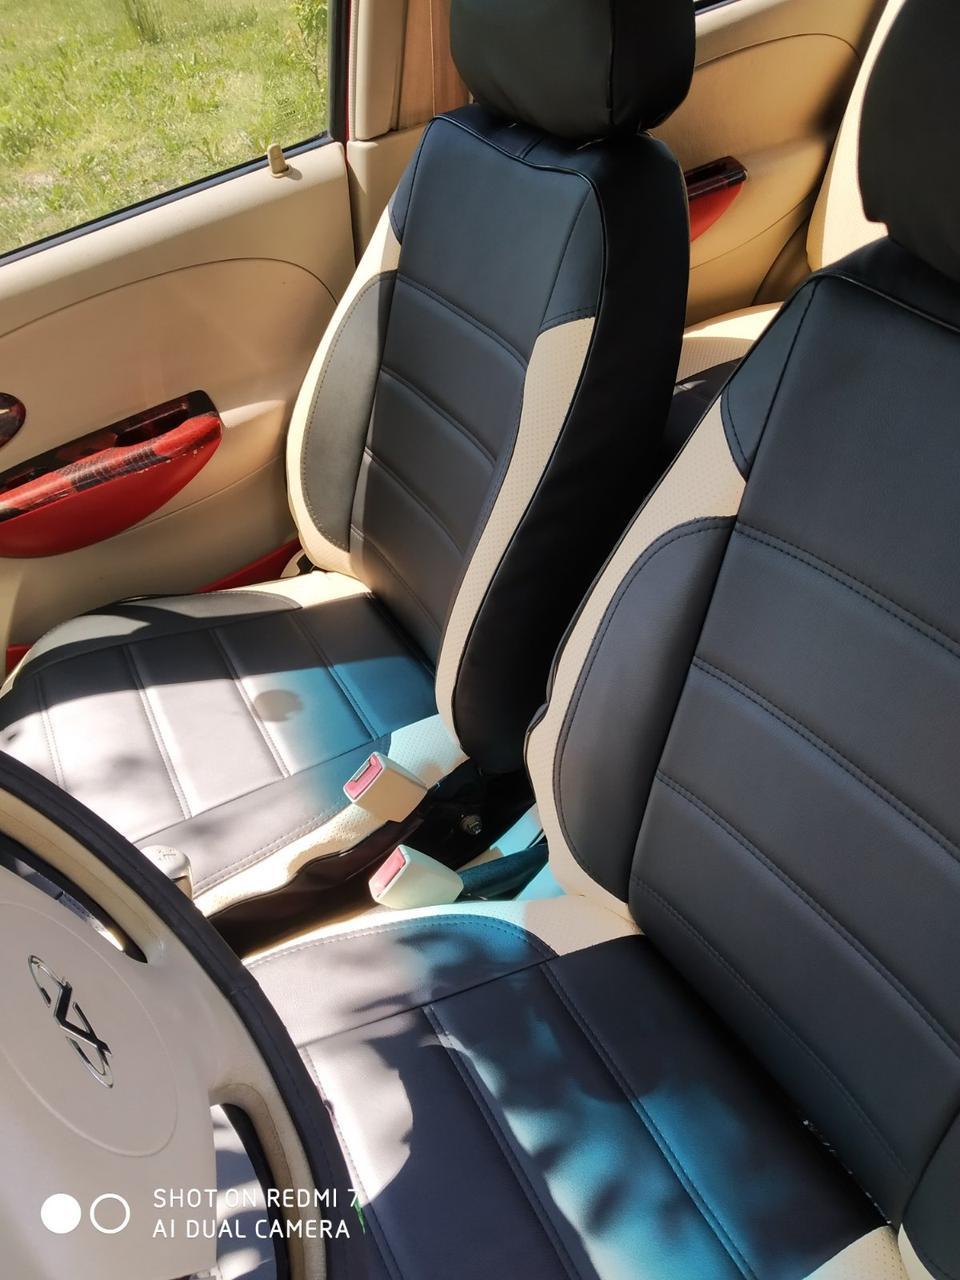 Чохли на сидіння КІА Маджентис 2 (KIA Magentis 2) (модельні, MAX-L, окремий підголовник) Чорно-бежевий